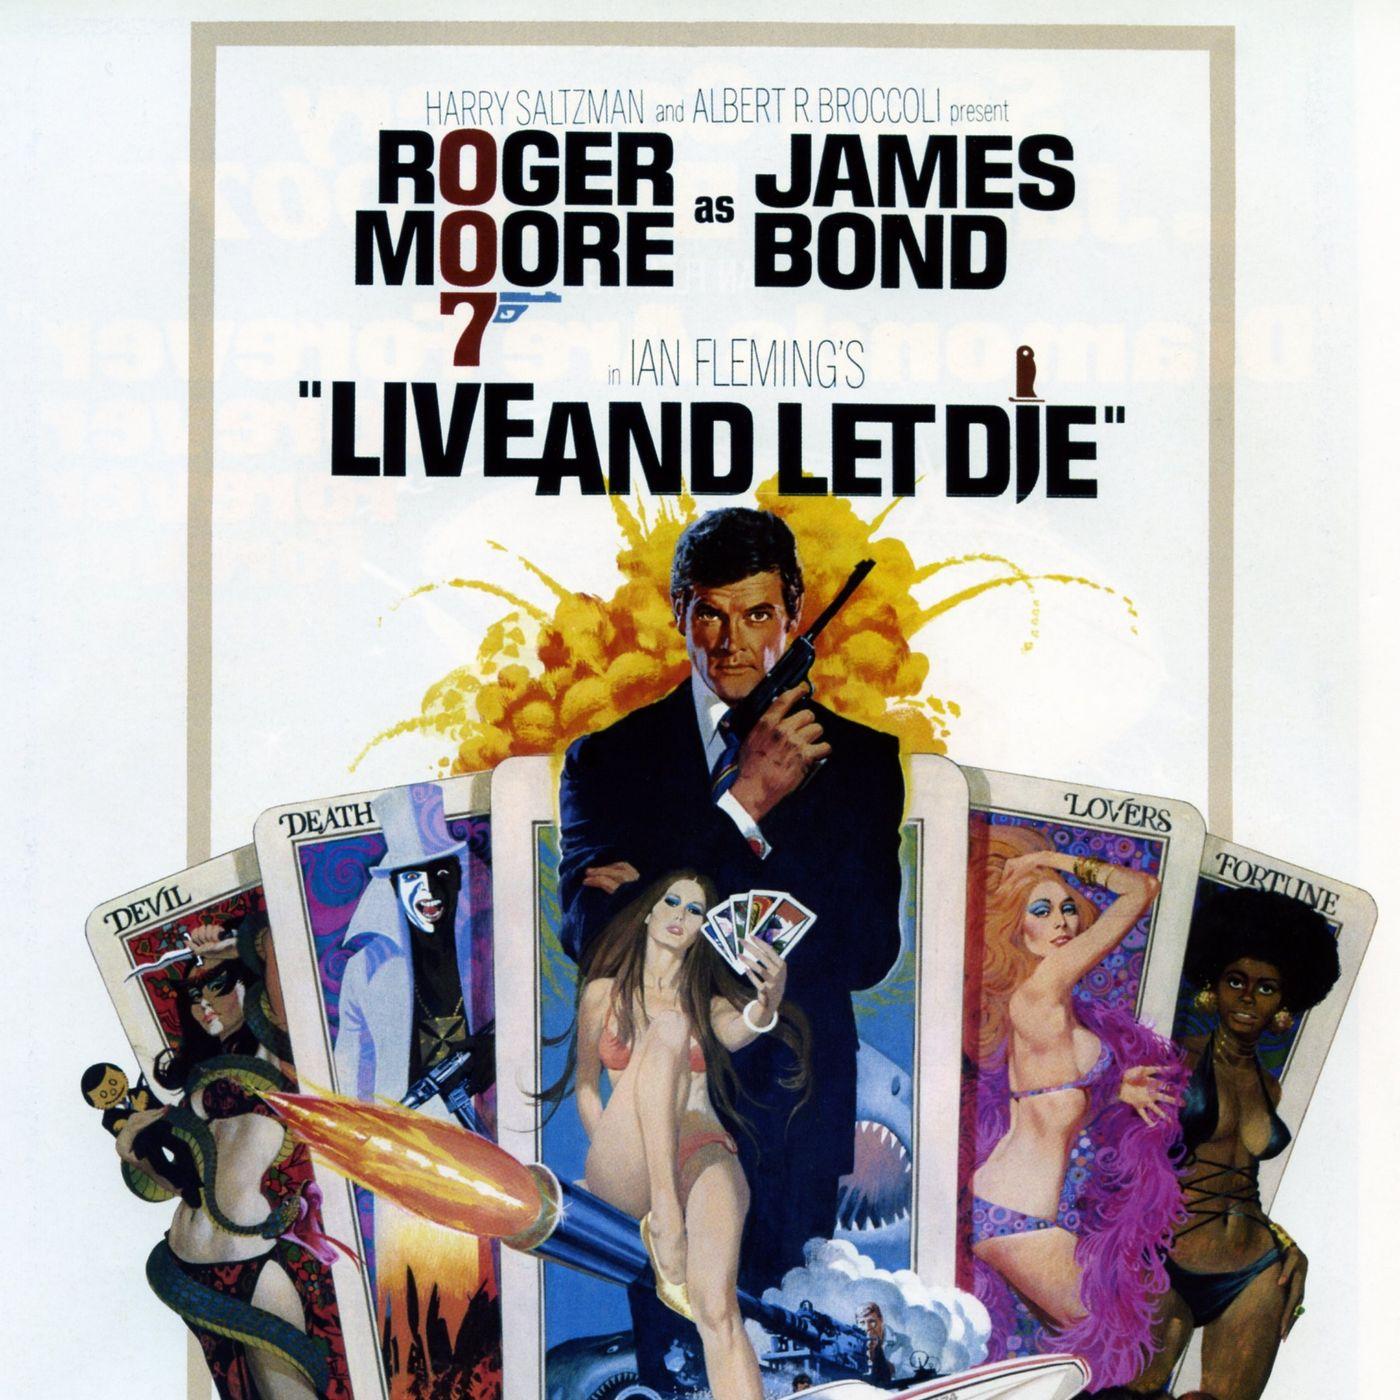 SAGA JAMES BOND | CRITIQUE DU FILM LIVE AND LET DIE / Vivre et Laisse Mourir | CinéMaRadio